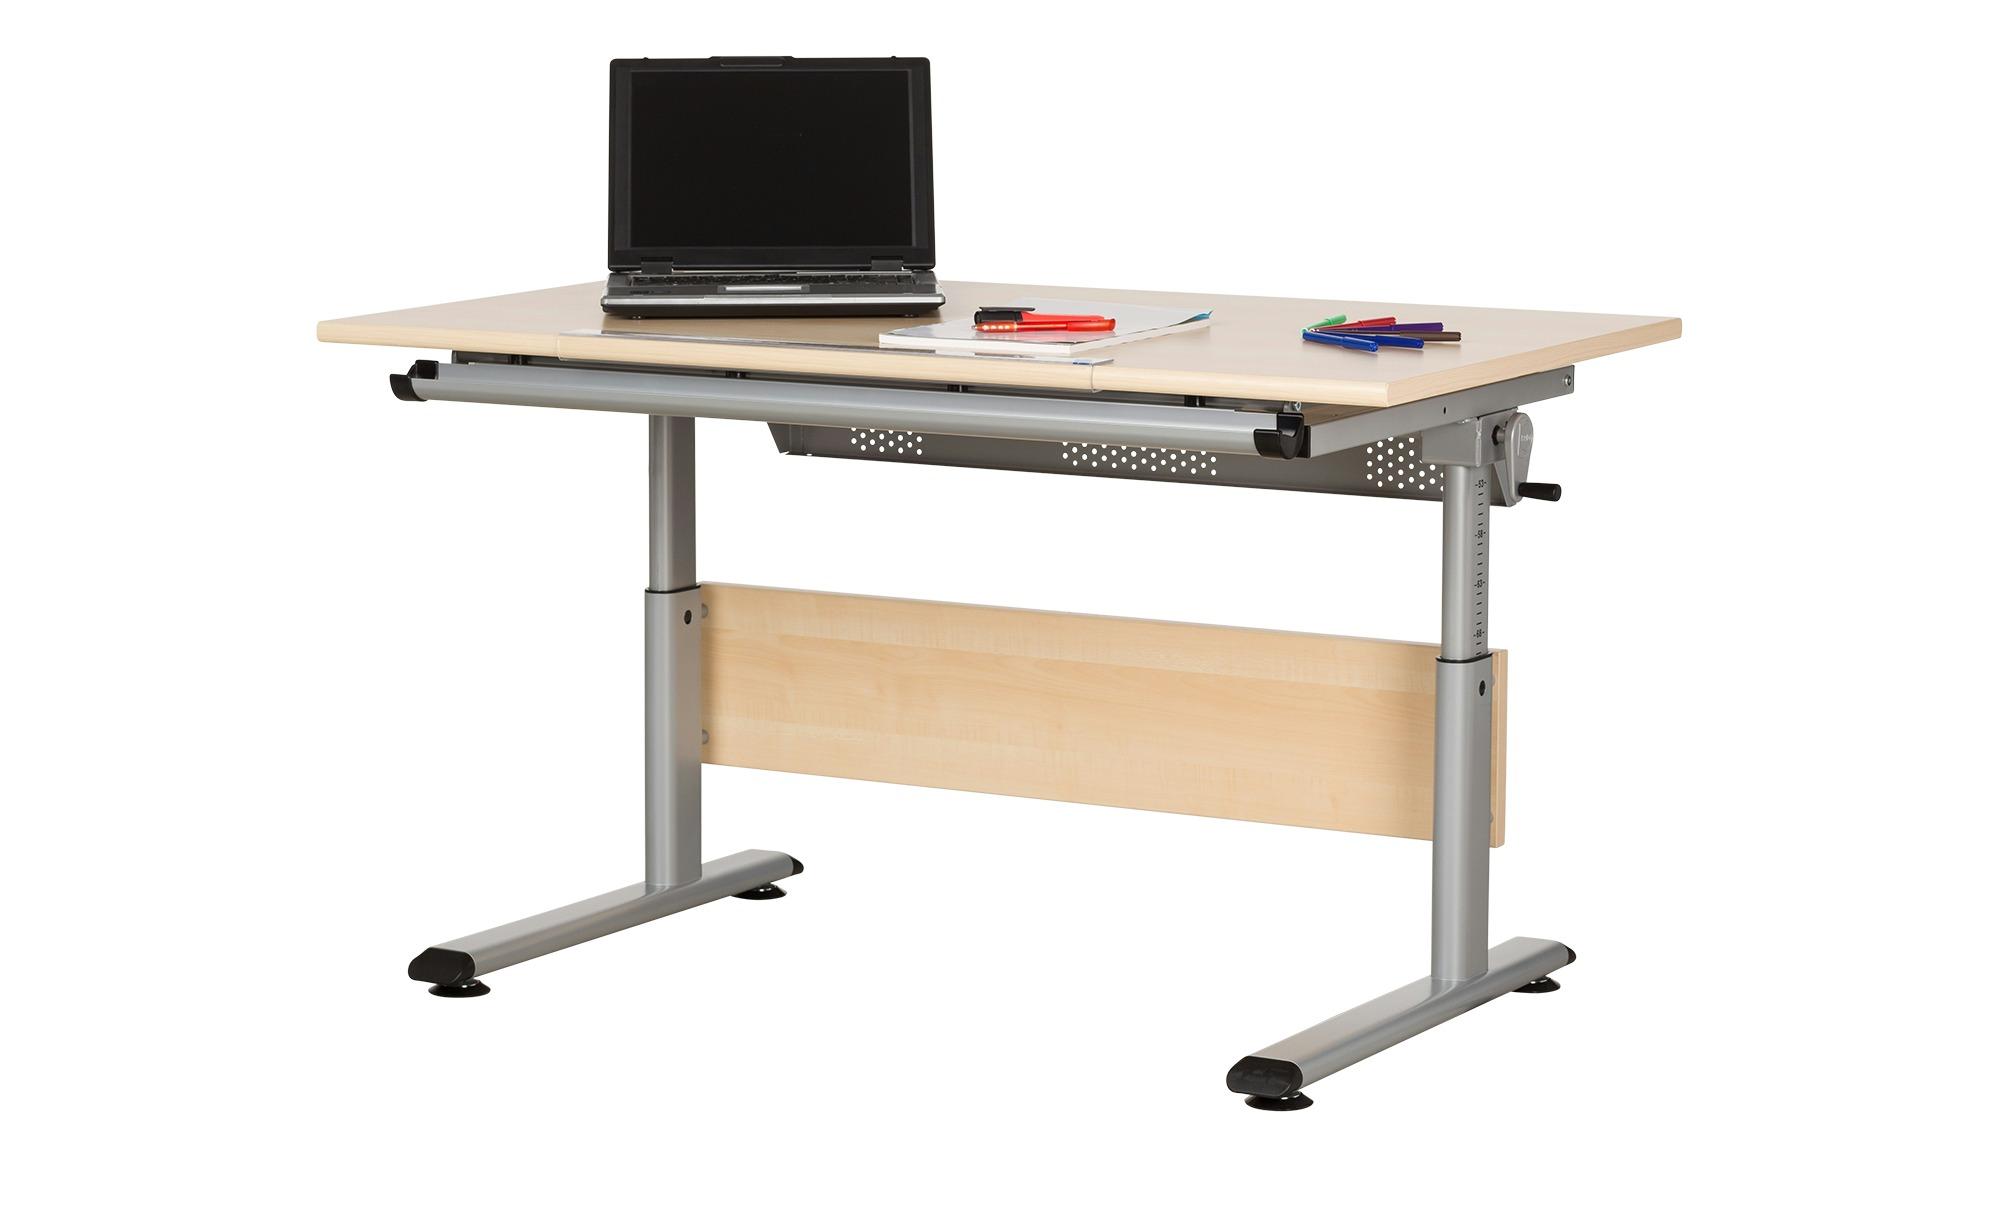 Schreibtisch Aufbau Gut 25 Wunderbar Paidi Schreibtisch Marco 2 ...